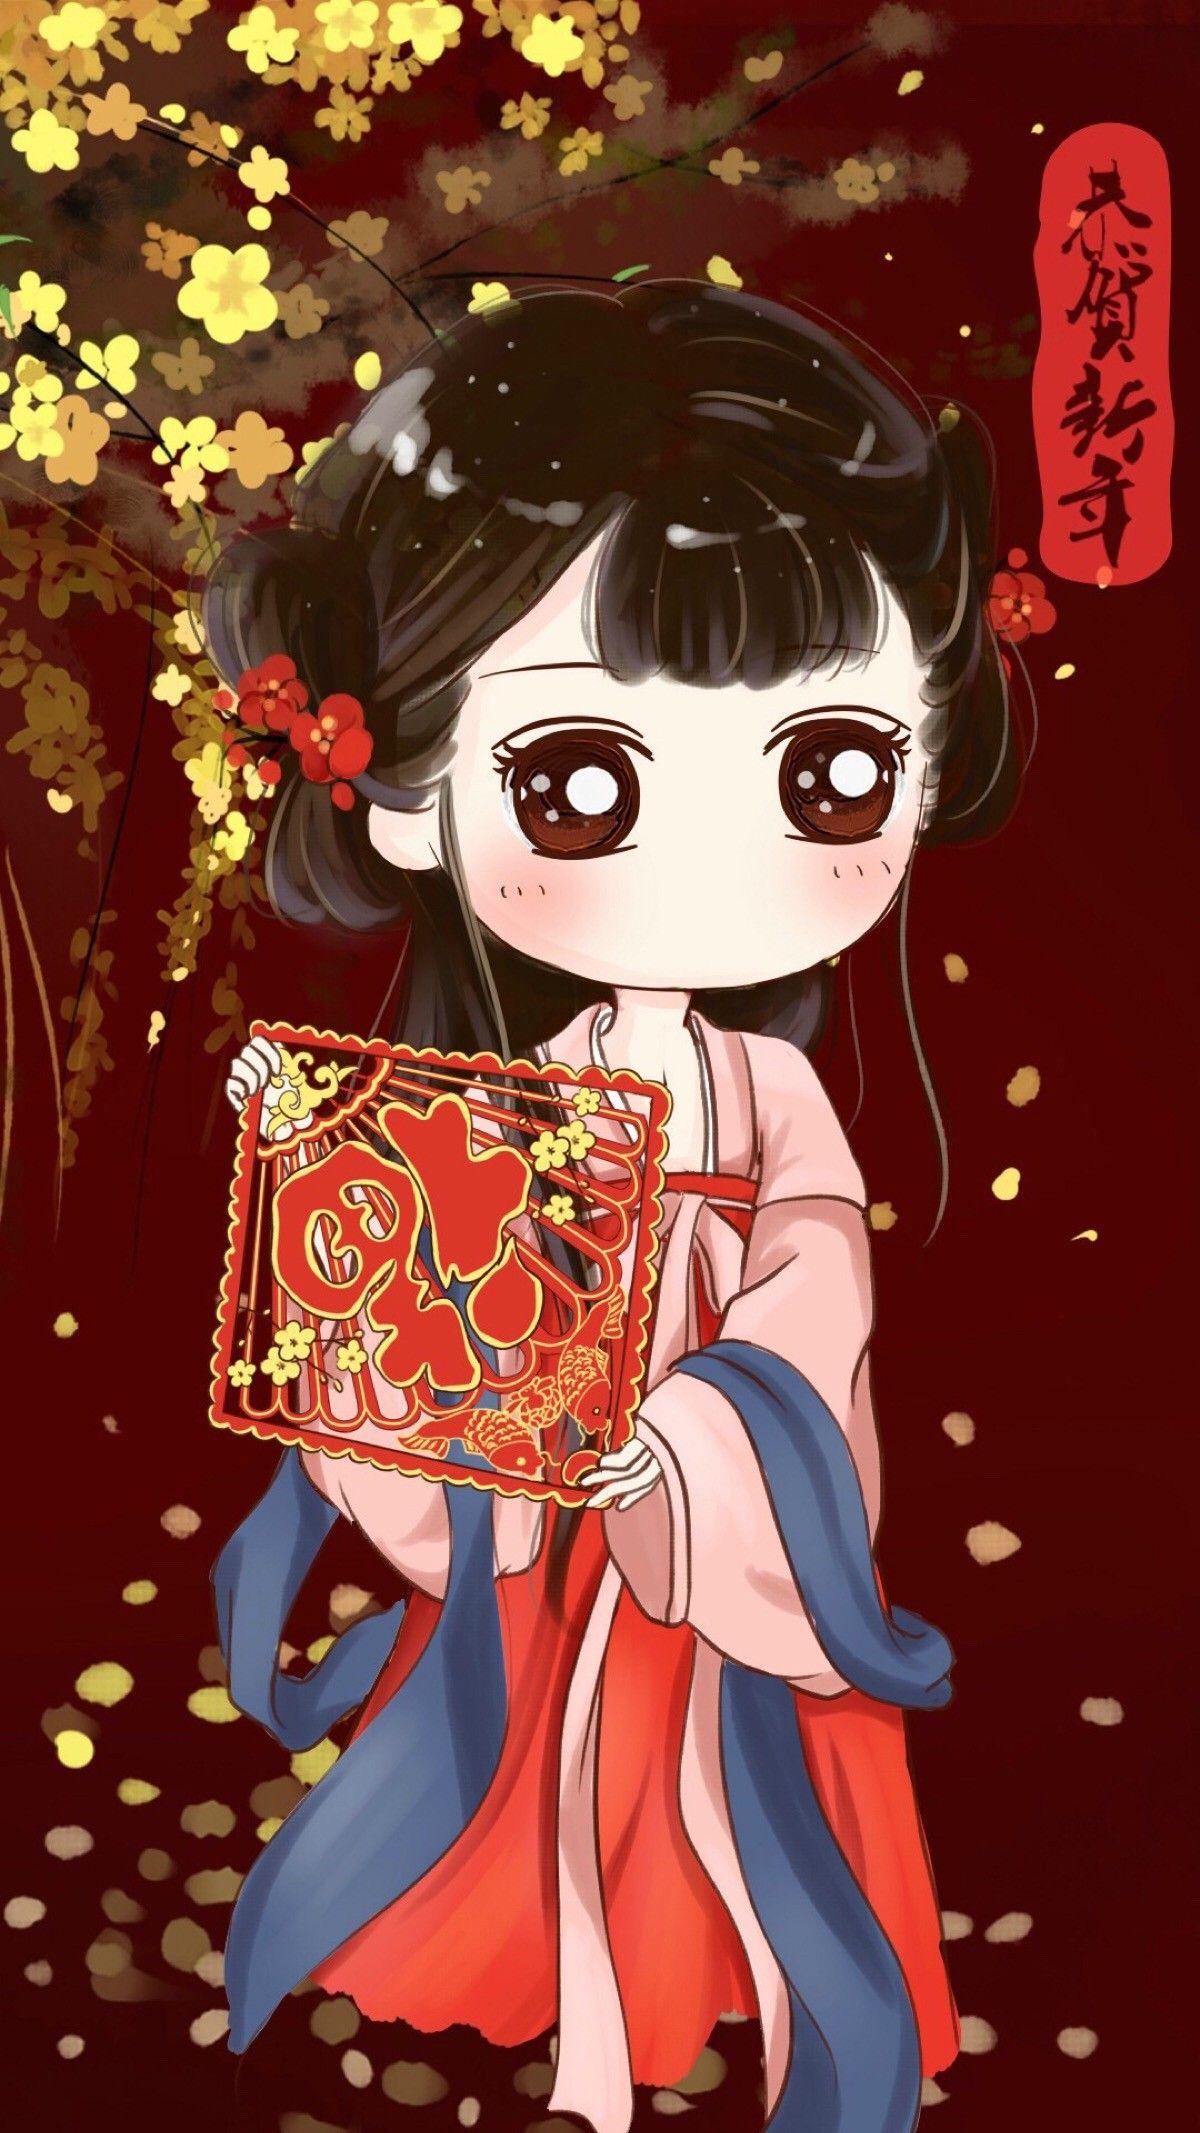 Pin de Cố Tịch Vân en chibi Love | Pinterest | Japon y Dibujo